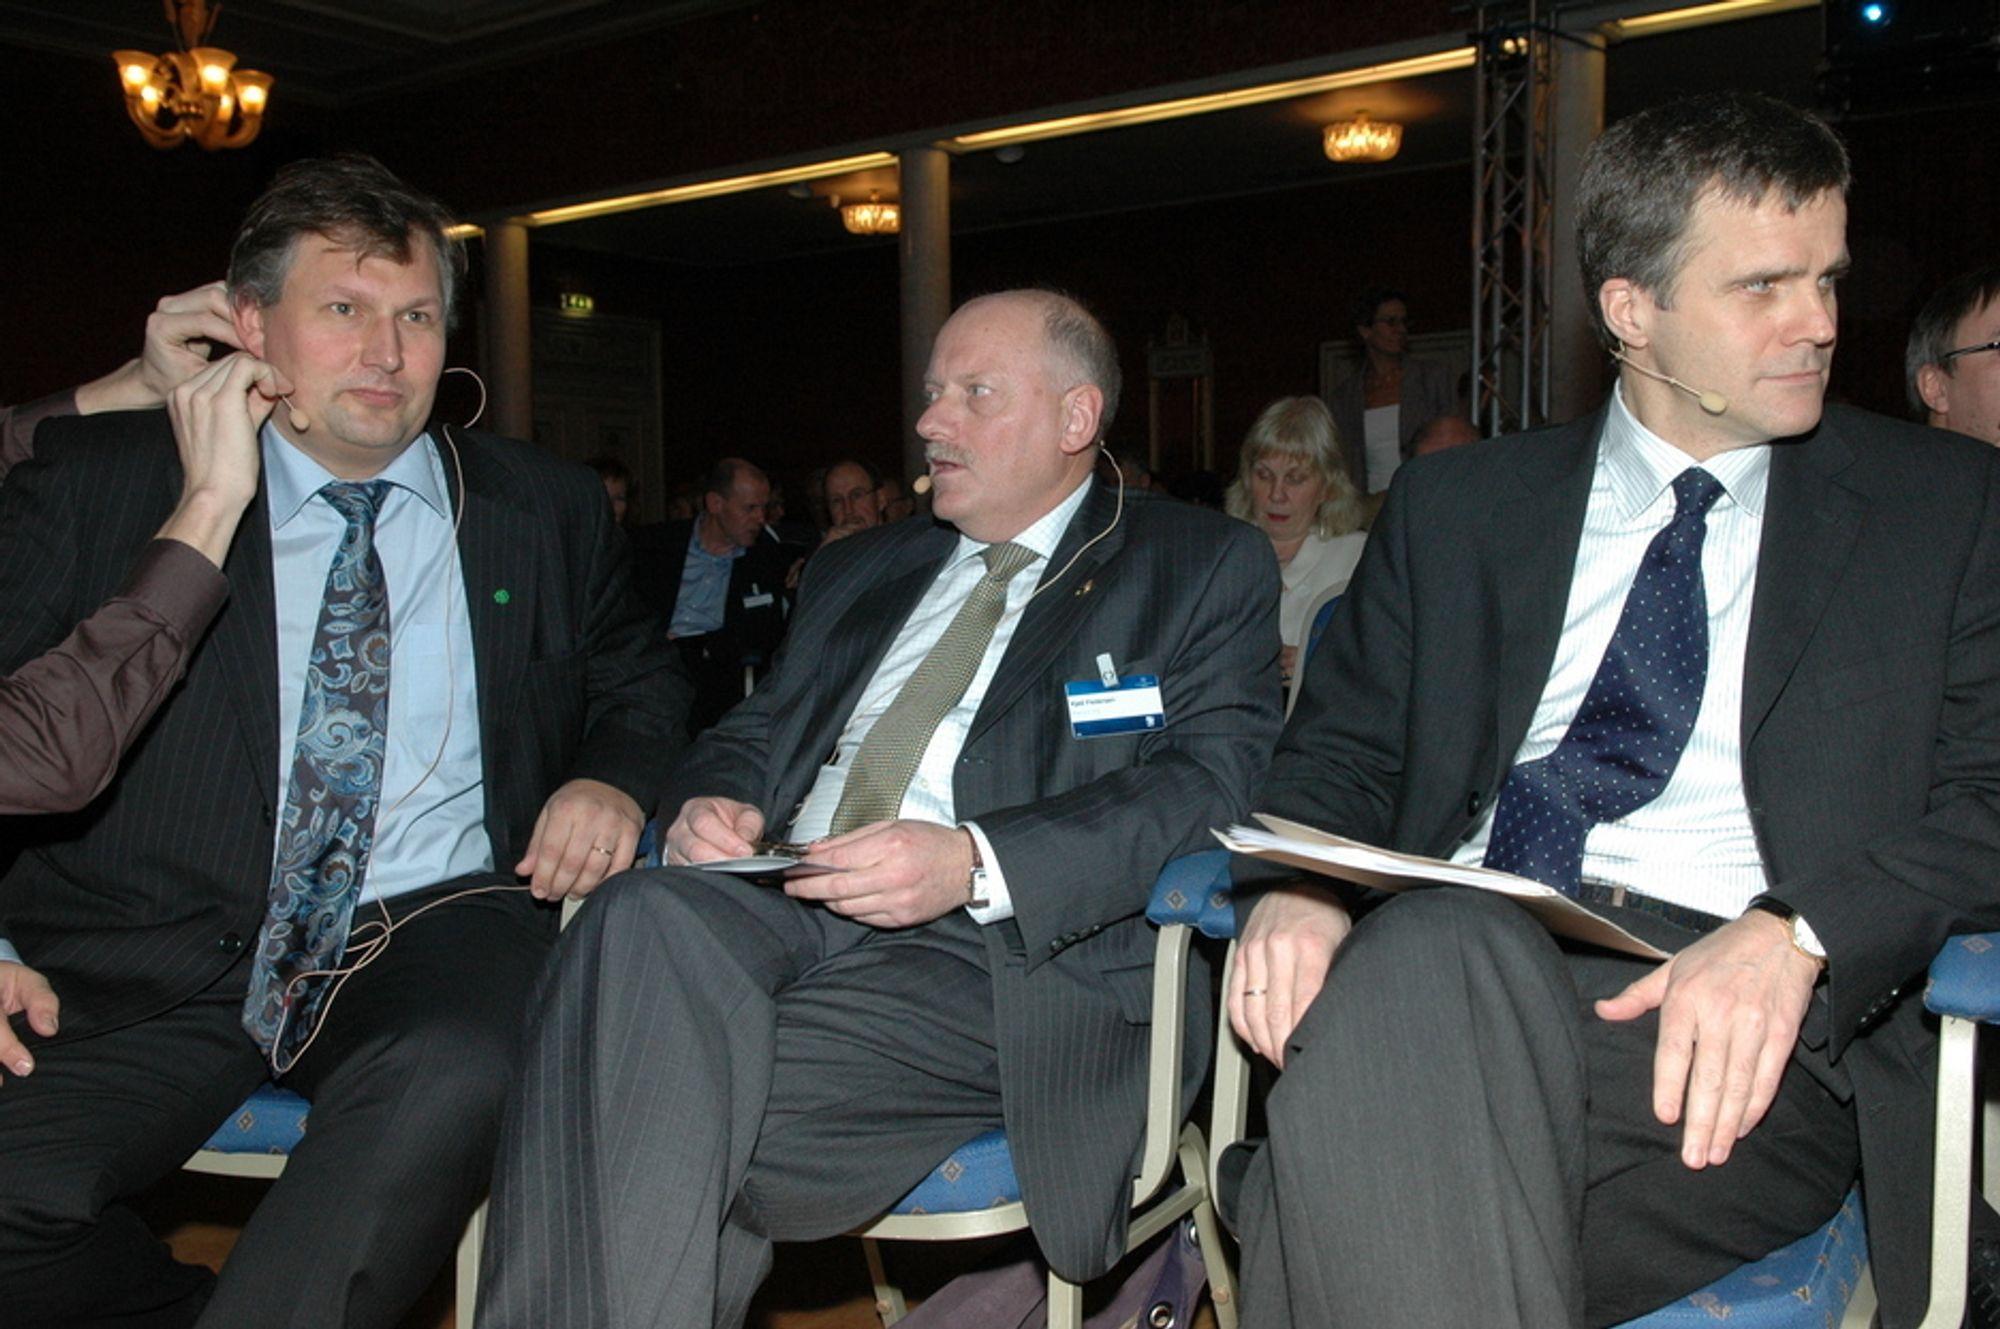 MØTES: Oljetoppene Terje Riis-Johansen (f.v), Kjell Pedersen i Petoro og konsernsjef Helge Lund i StatoilHydro får god til å samtale under Sandefjordskonferansen.